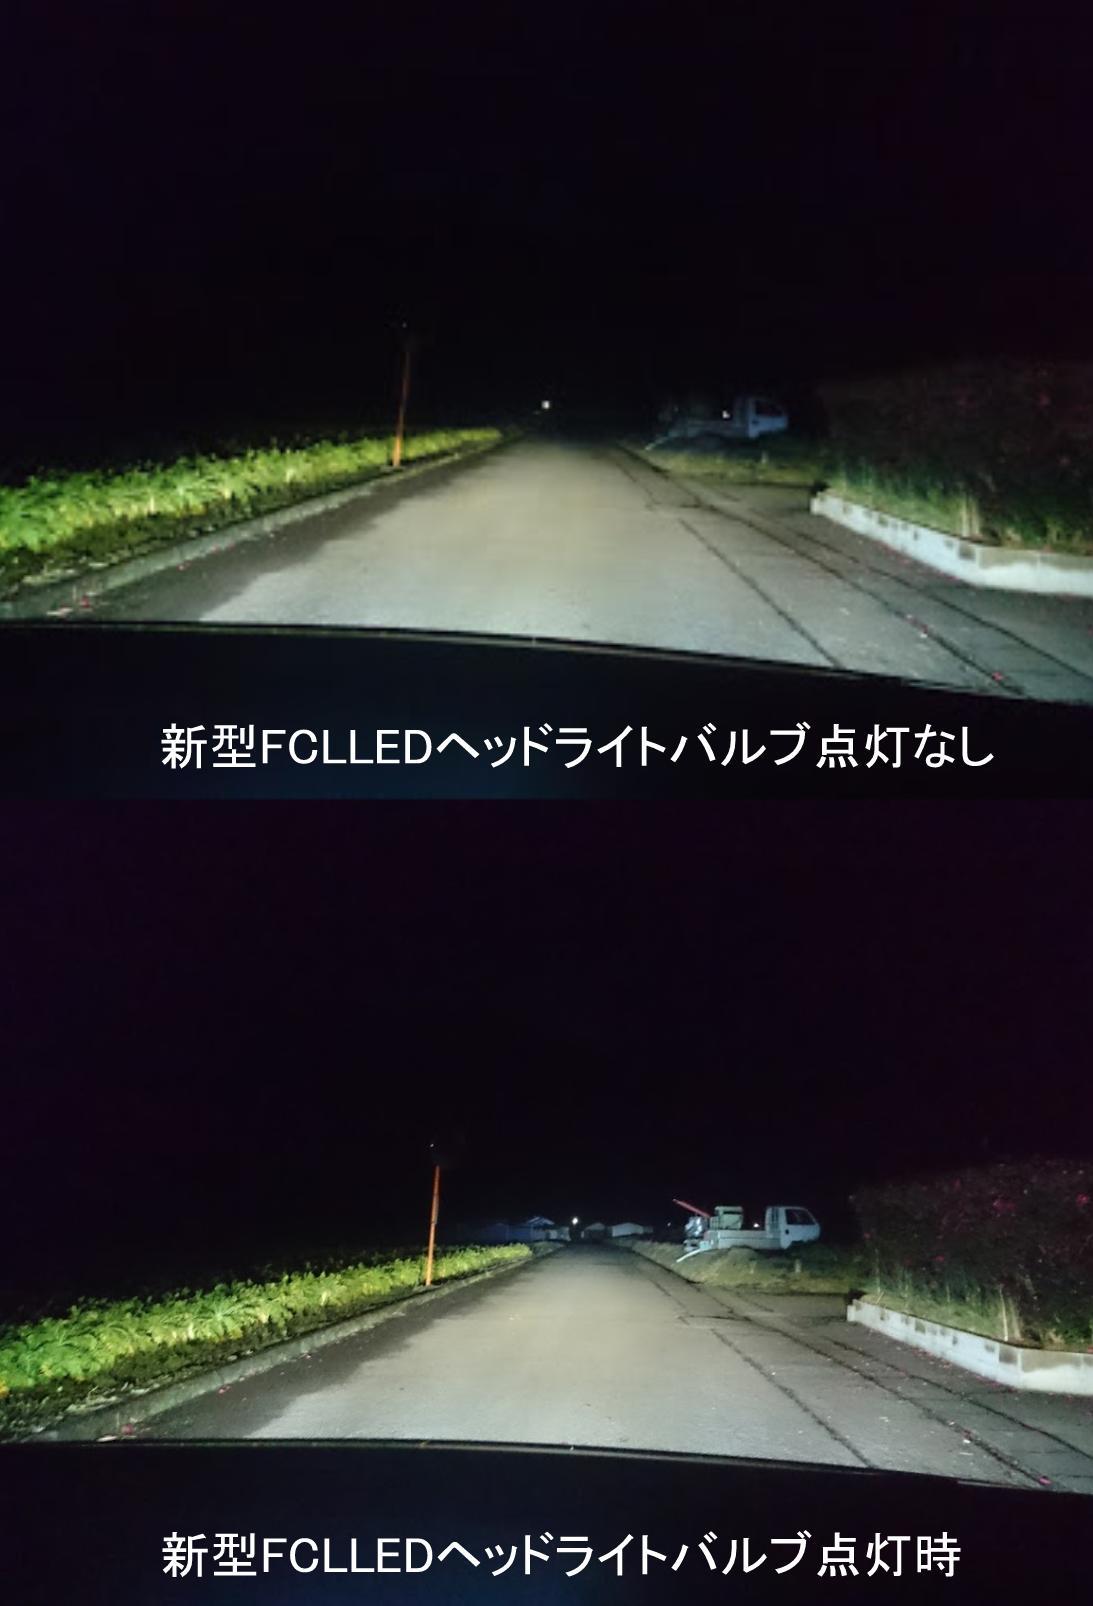 【fcl.】新型LEDヘッドライト フォグランプ ファンレス モニターレポート